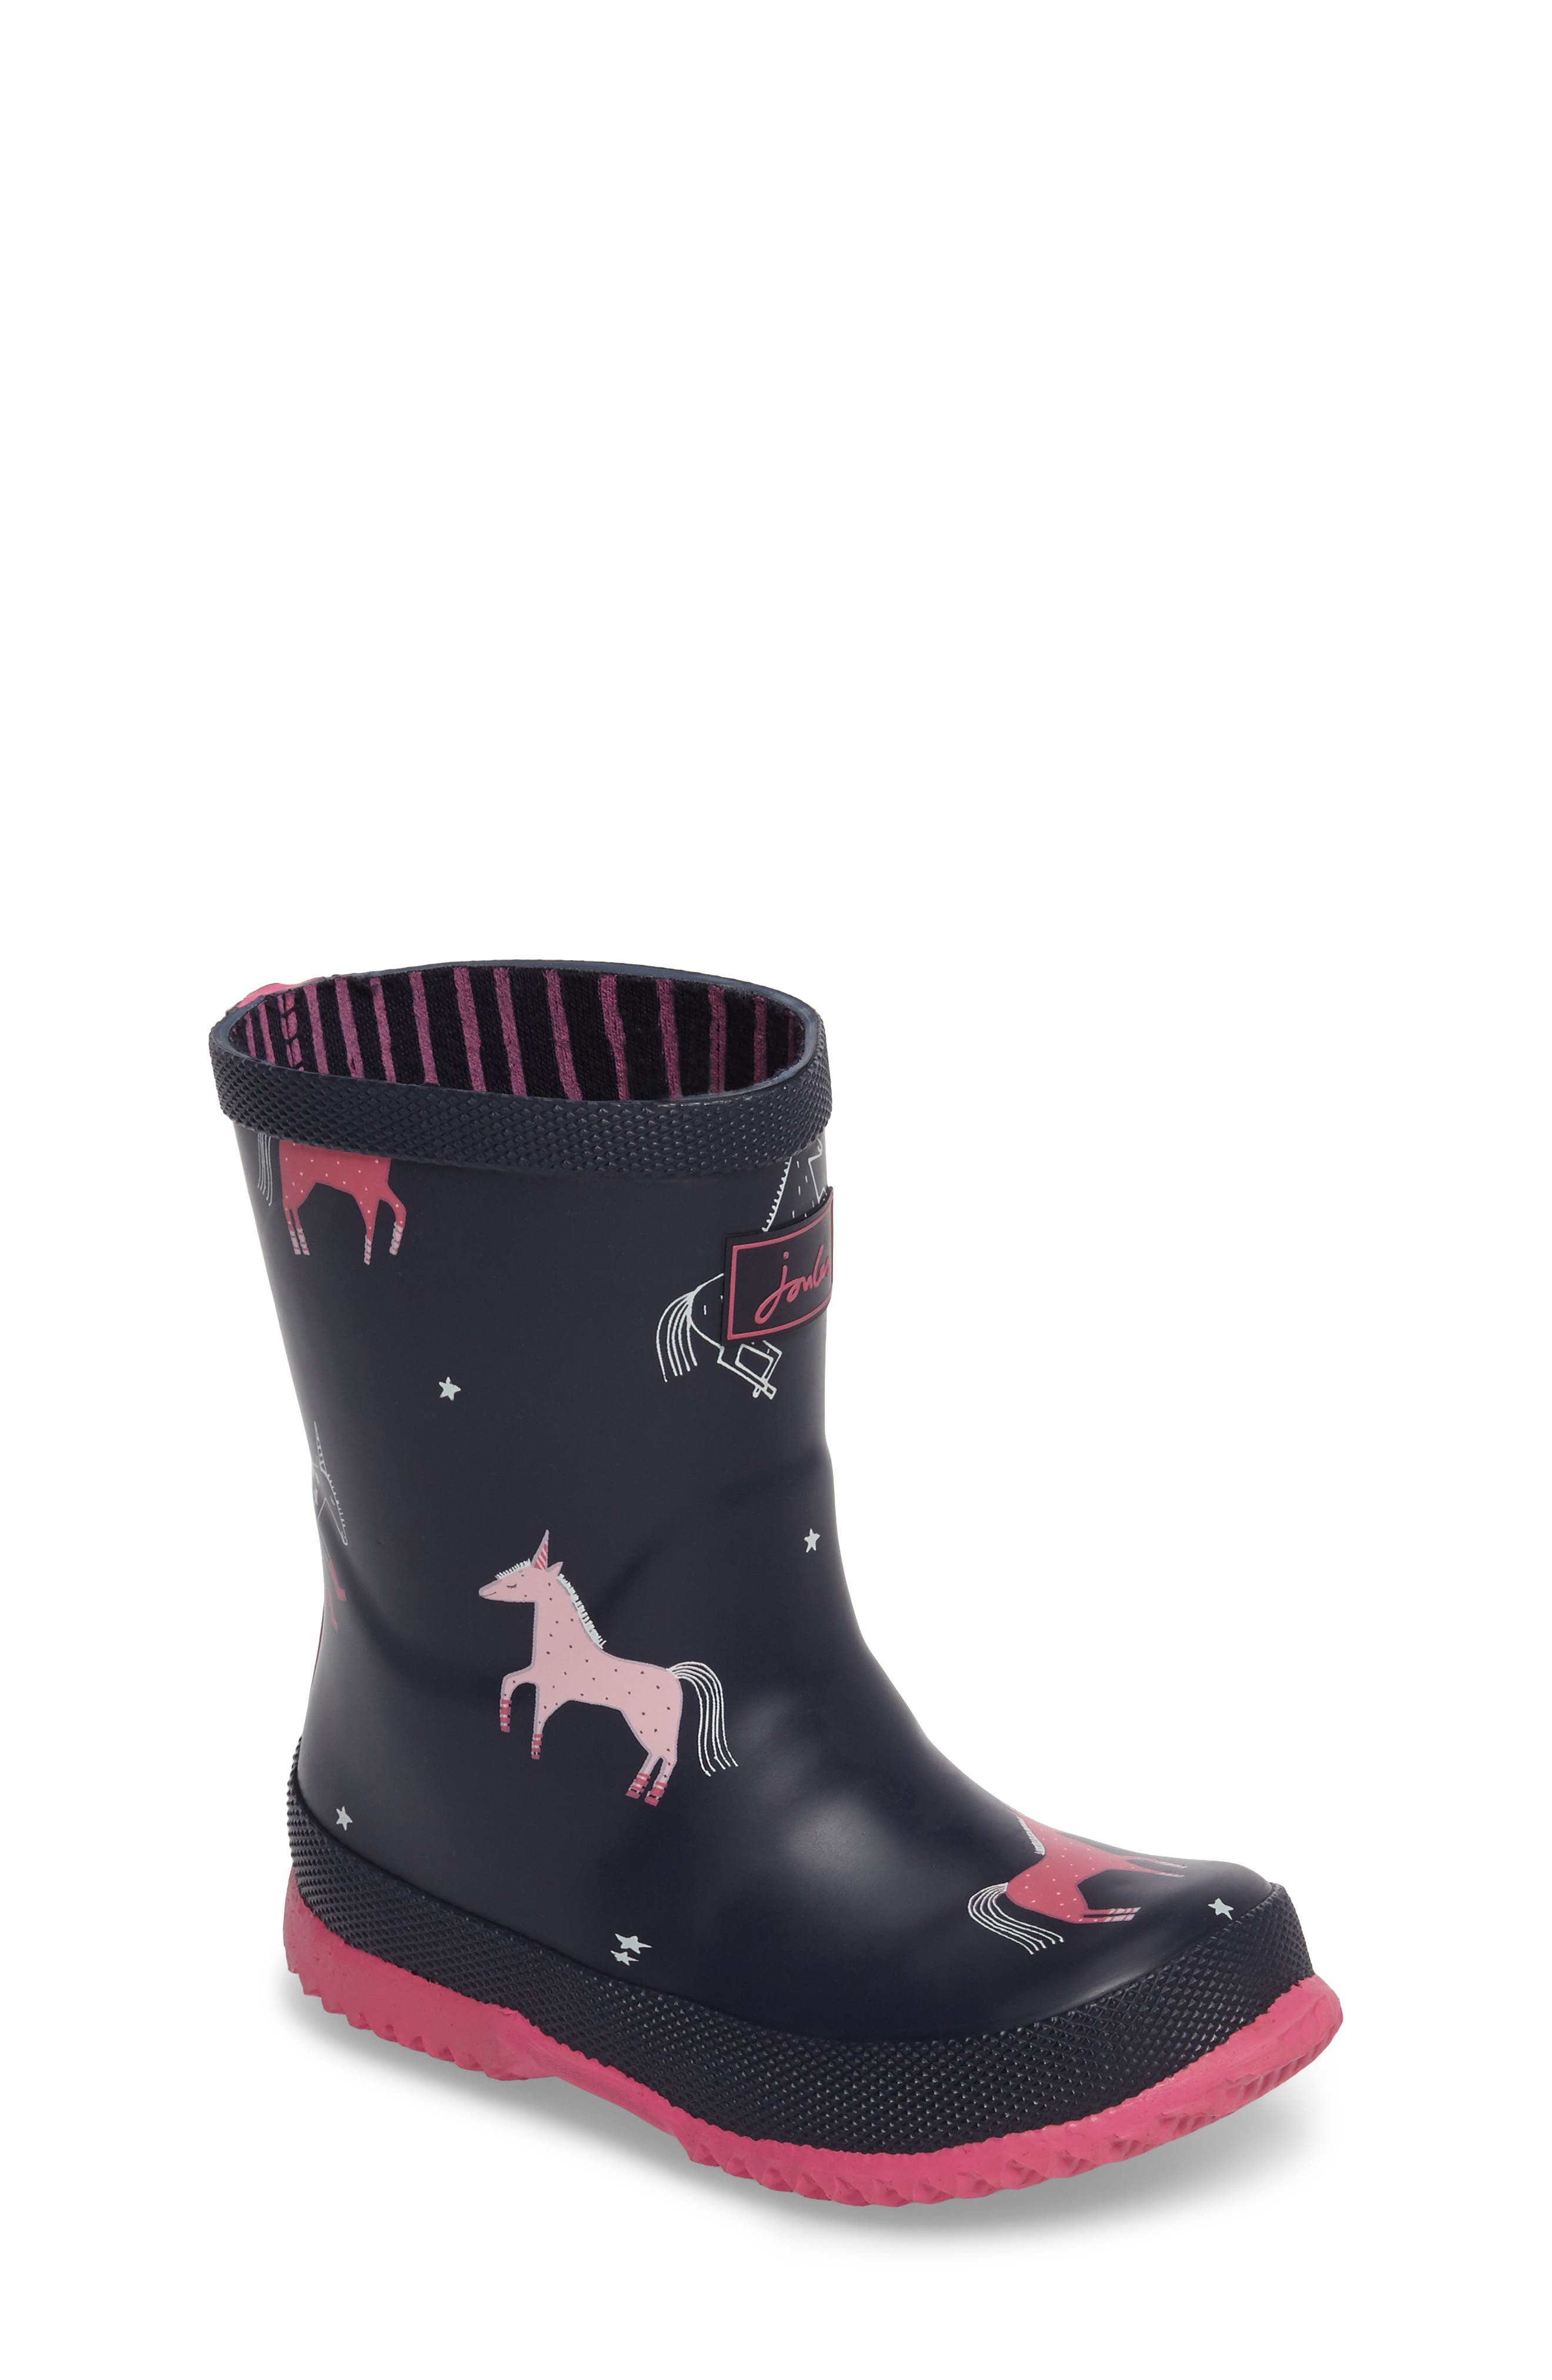 Main Image - Joules Printed Waterproof Rain Boot (Walker, Toddler & Little Kid)